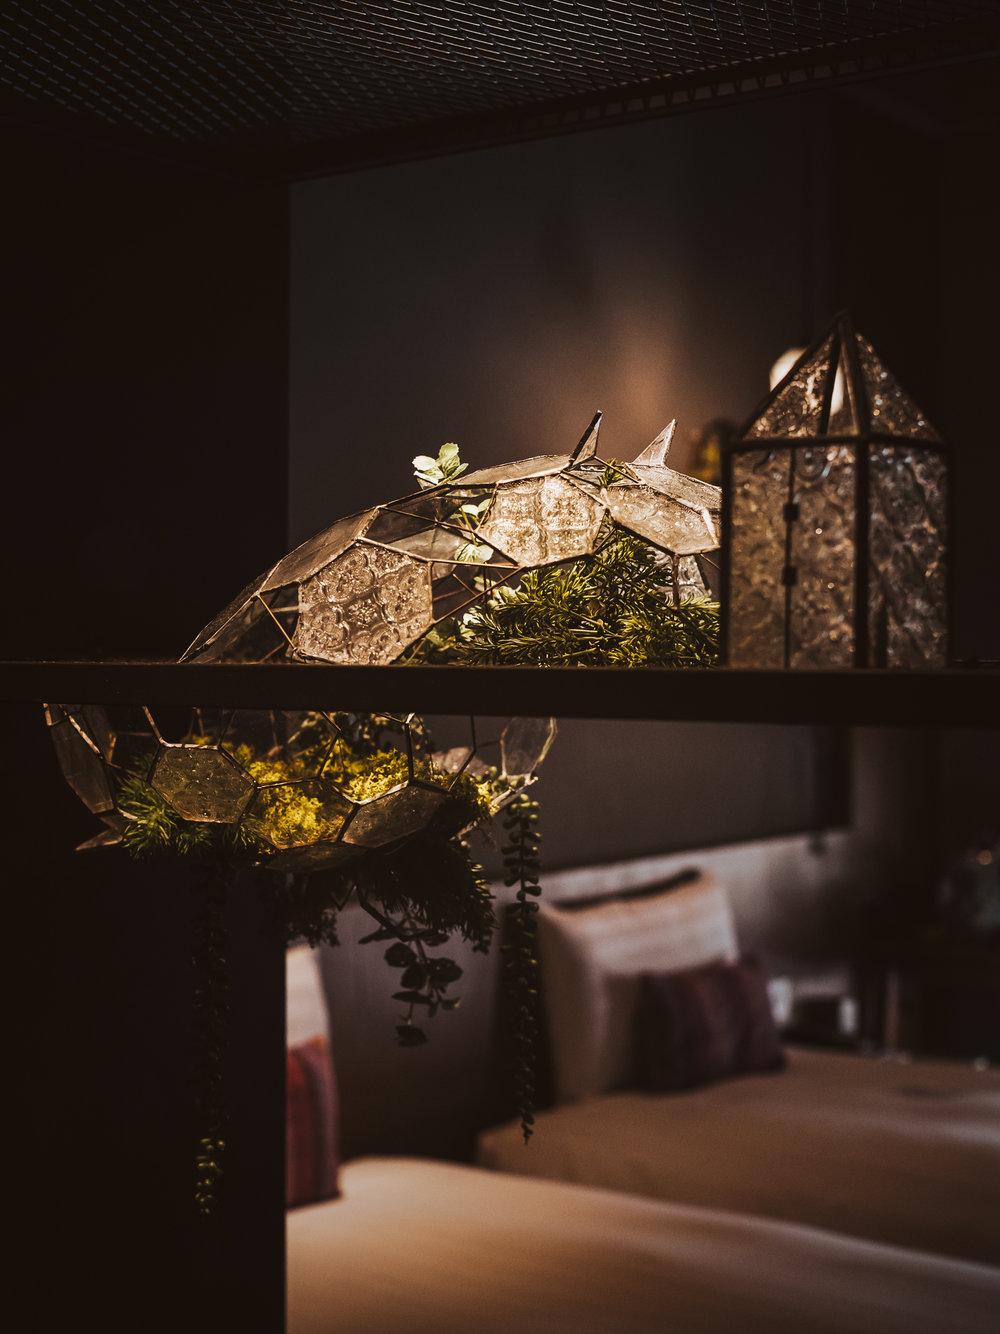 Home Hotel Da-An Interior Photography - Olympus EM1Markii 2512 - Yes! Please Enjoy-29.jpg